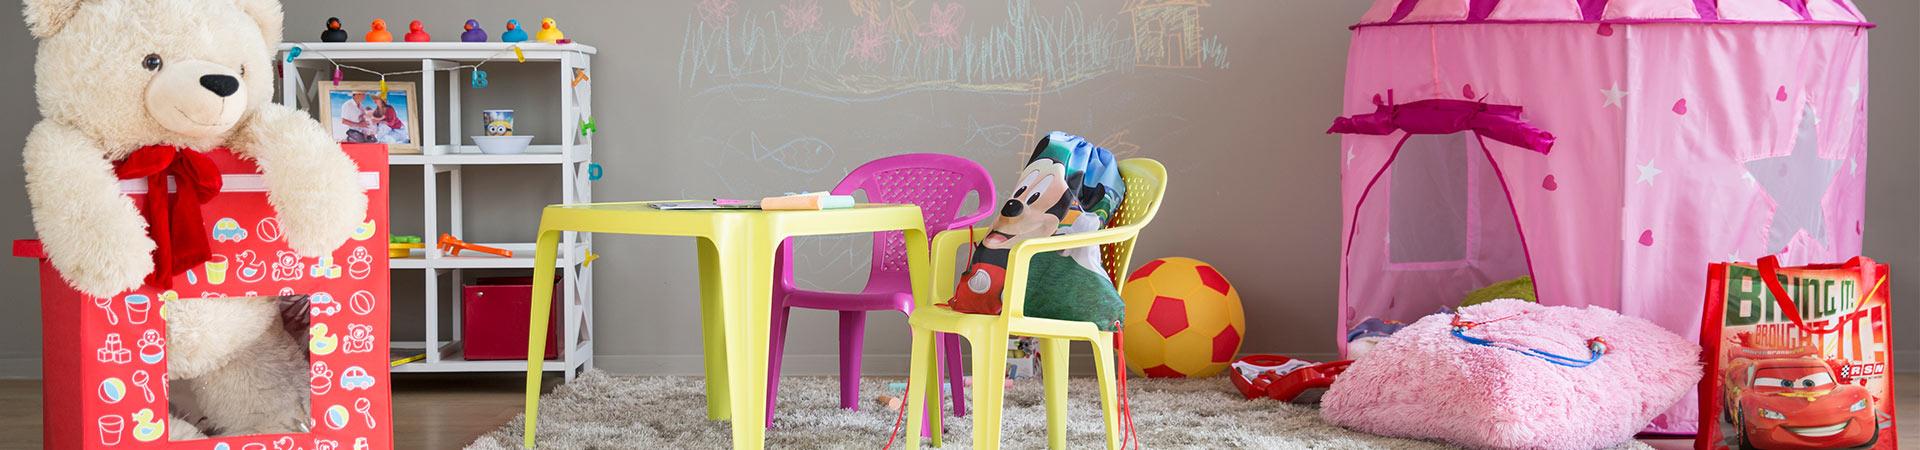 Lastetooted ja mänguasjad